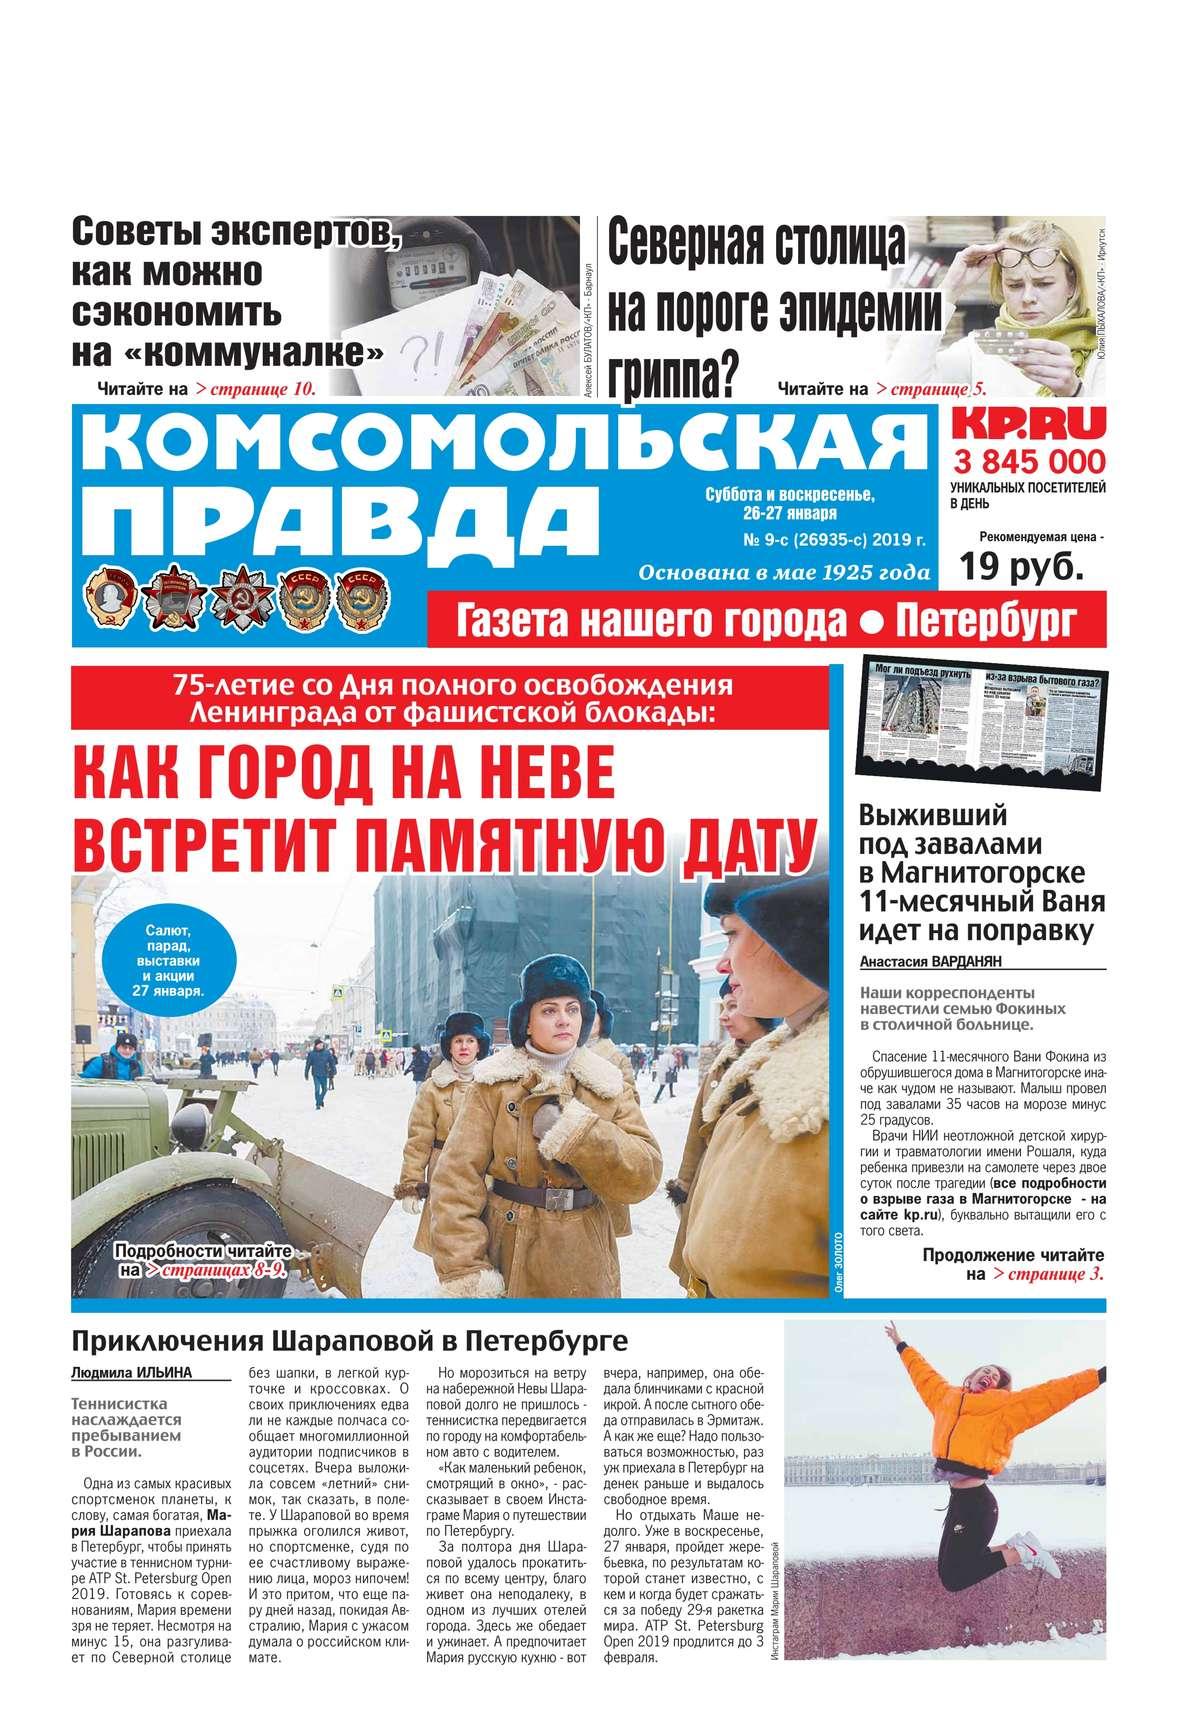 Комсомольская Правда. Санкт-Петербург 09с-2019